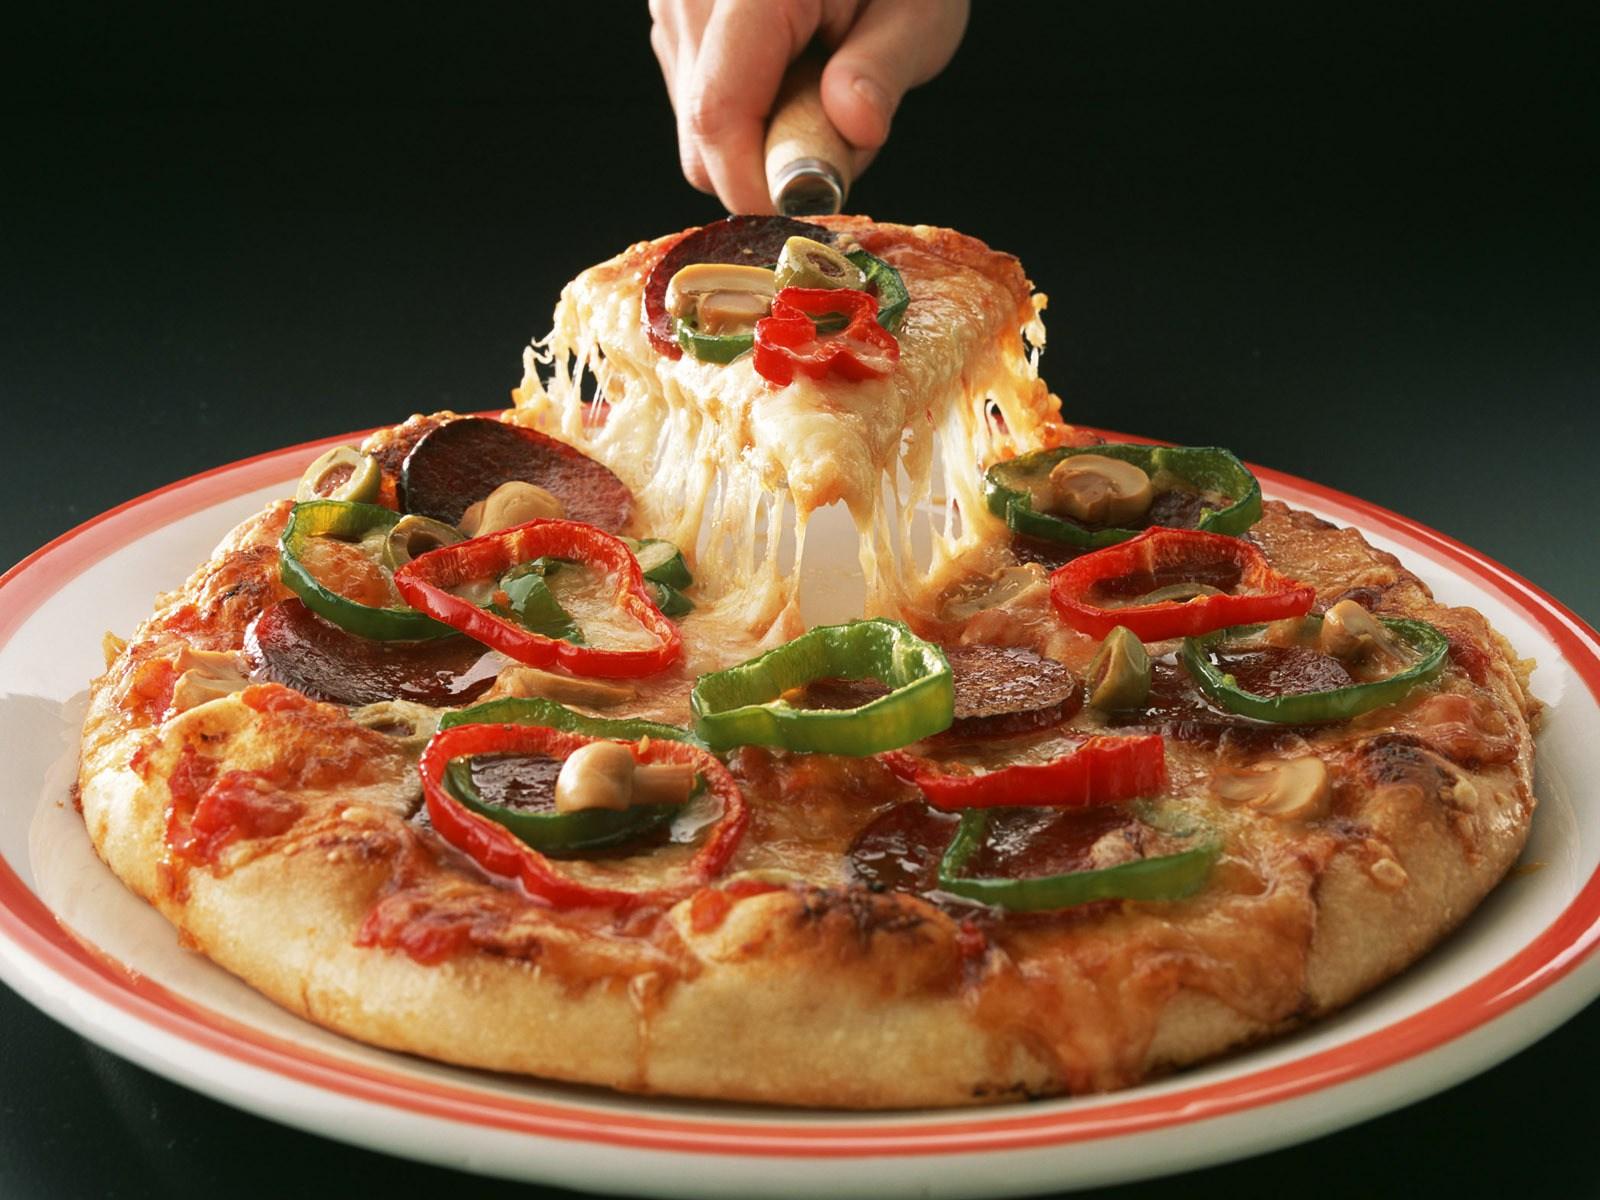 بالصور صور بيتزا , احلى و الذ صور البيتزا 521 9